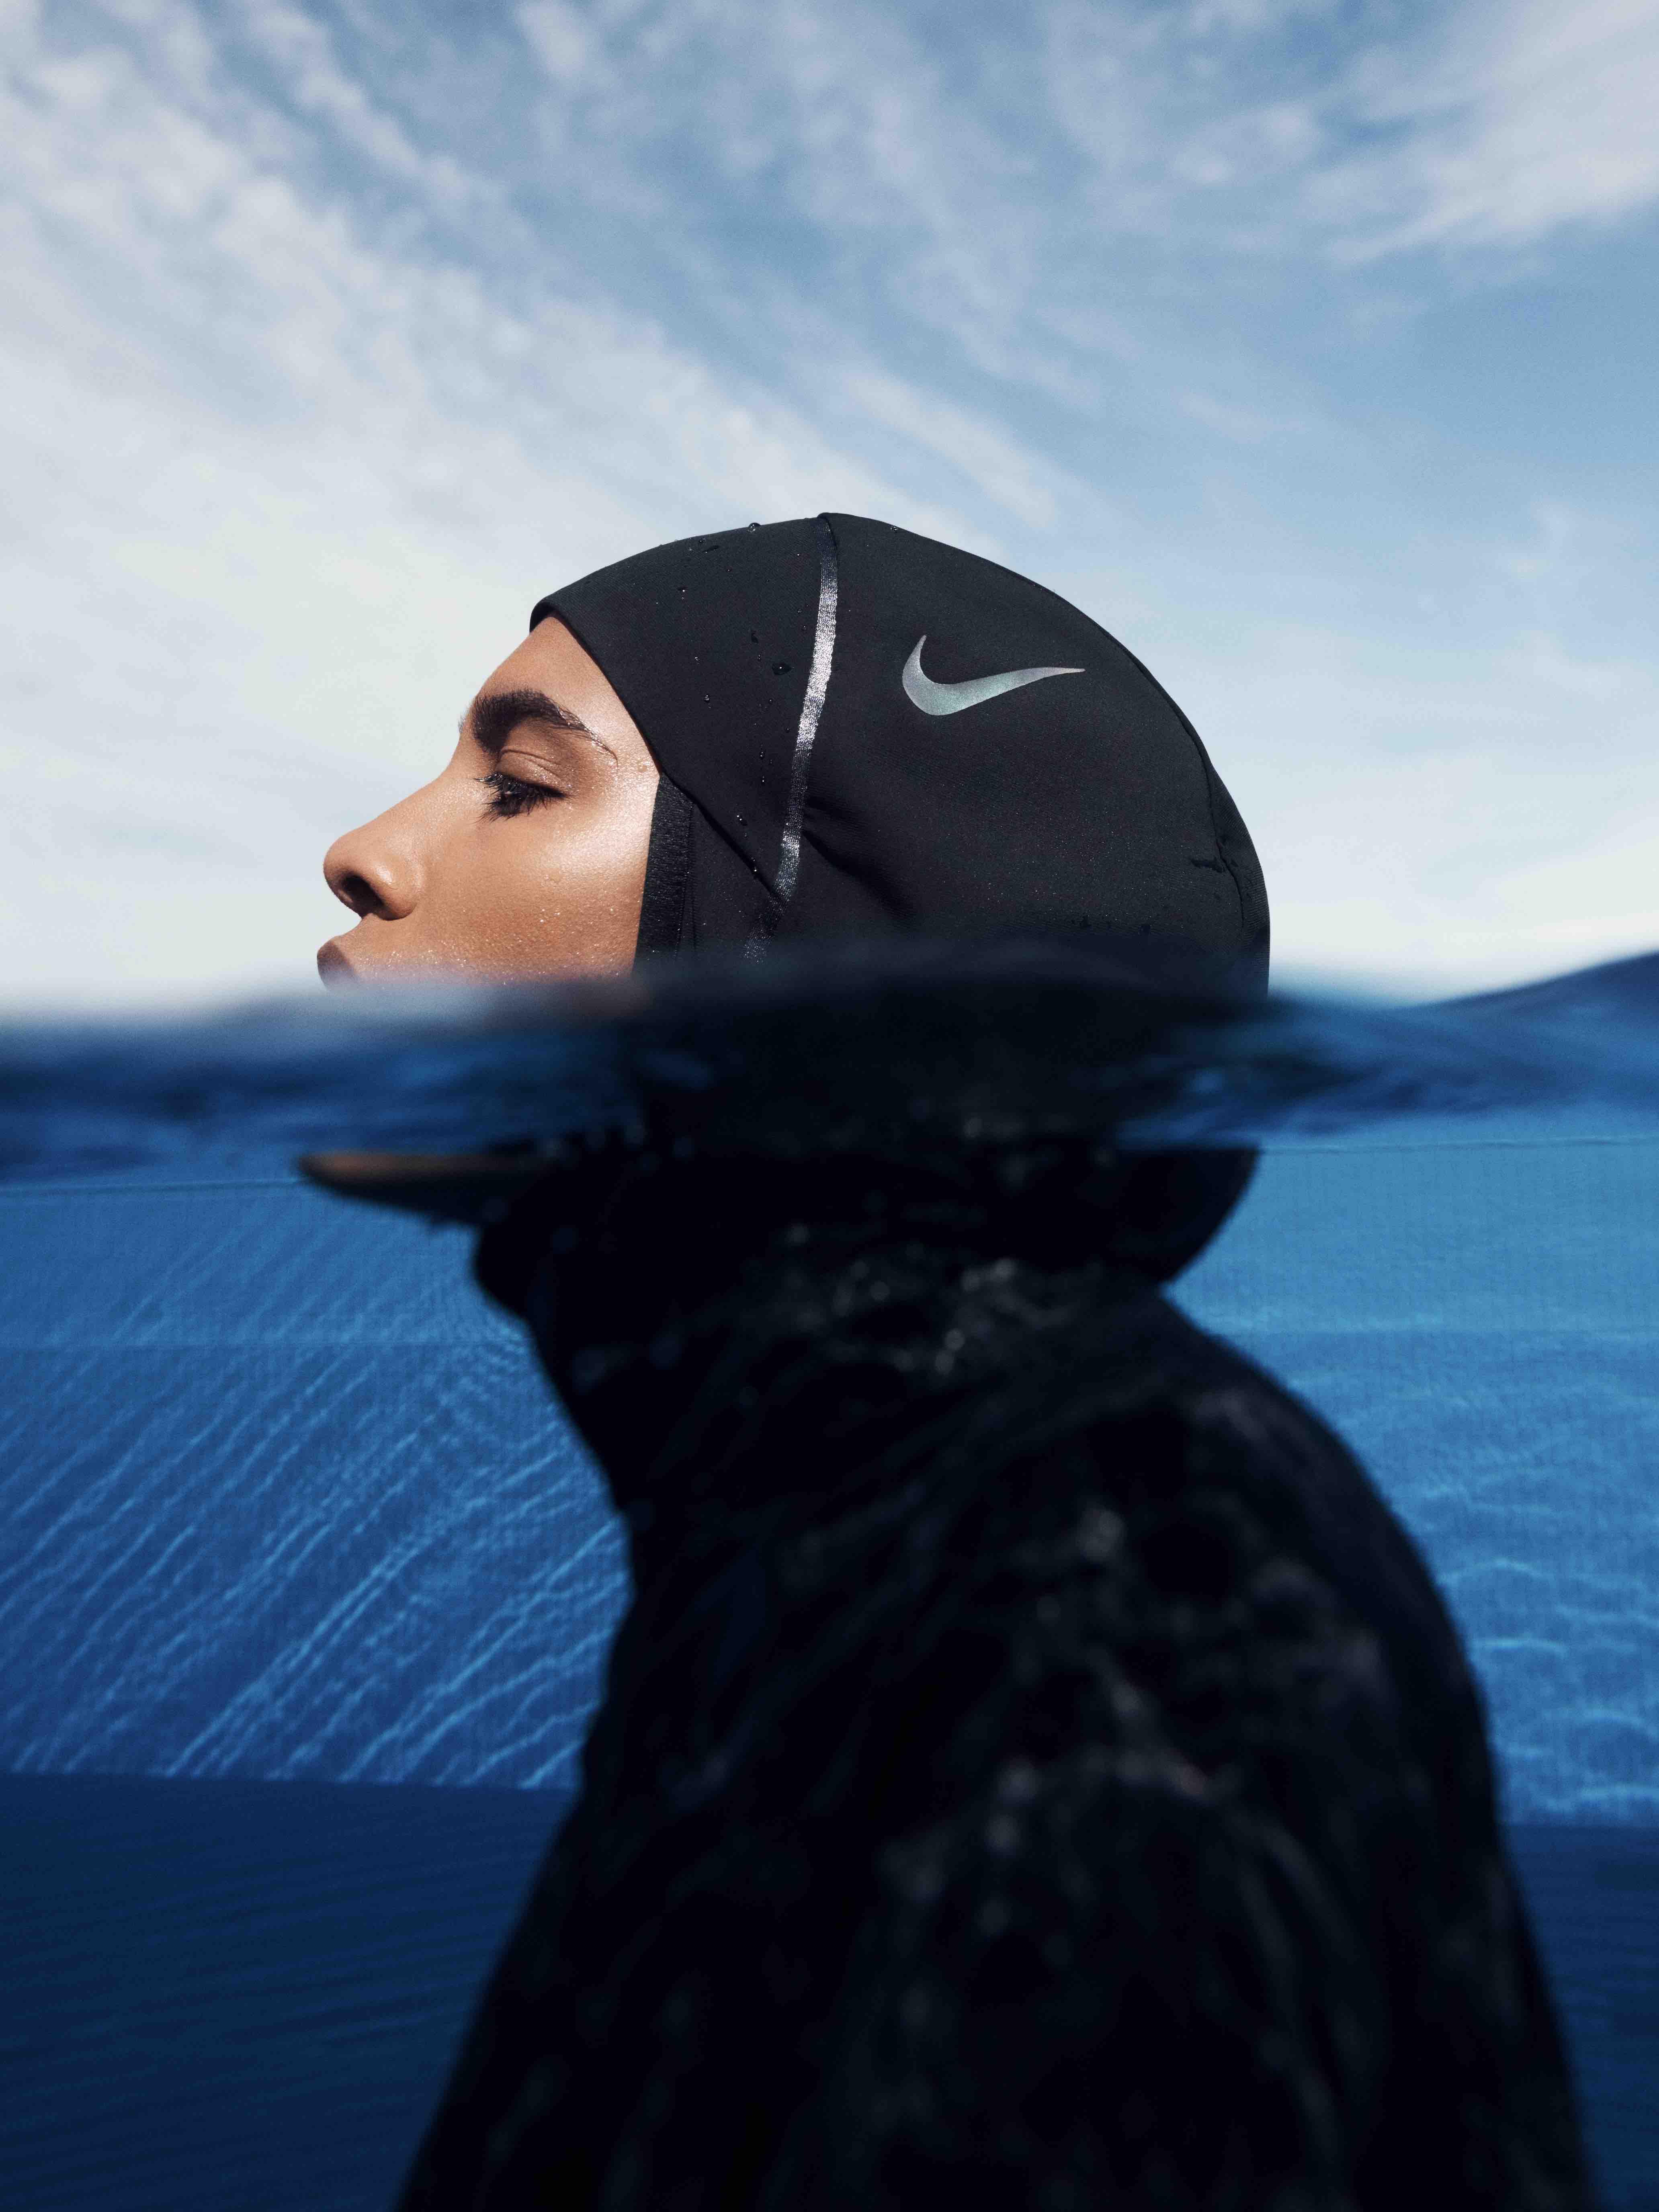 Les équipementiers sportifs ont à cœur d'offrir aux sportives musulmanes des produits sport alliant performance et respect de la culture et des traditions.